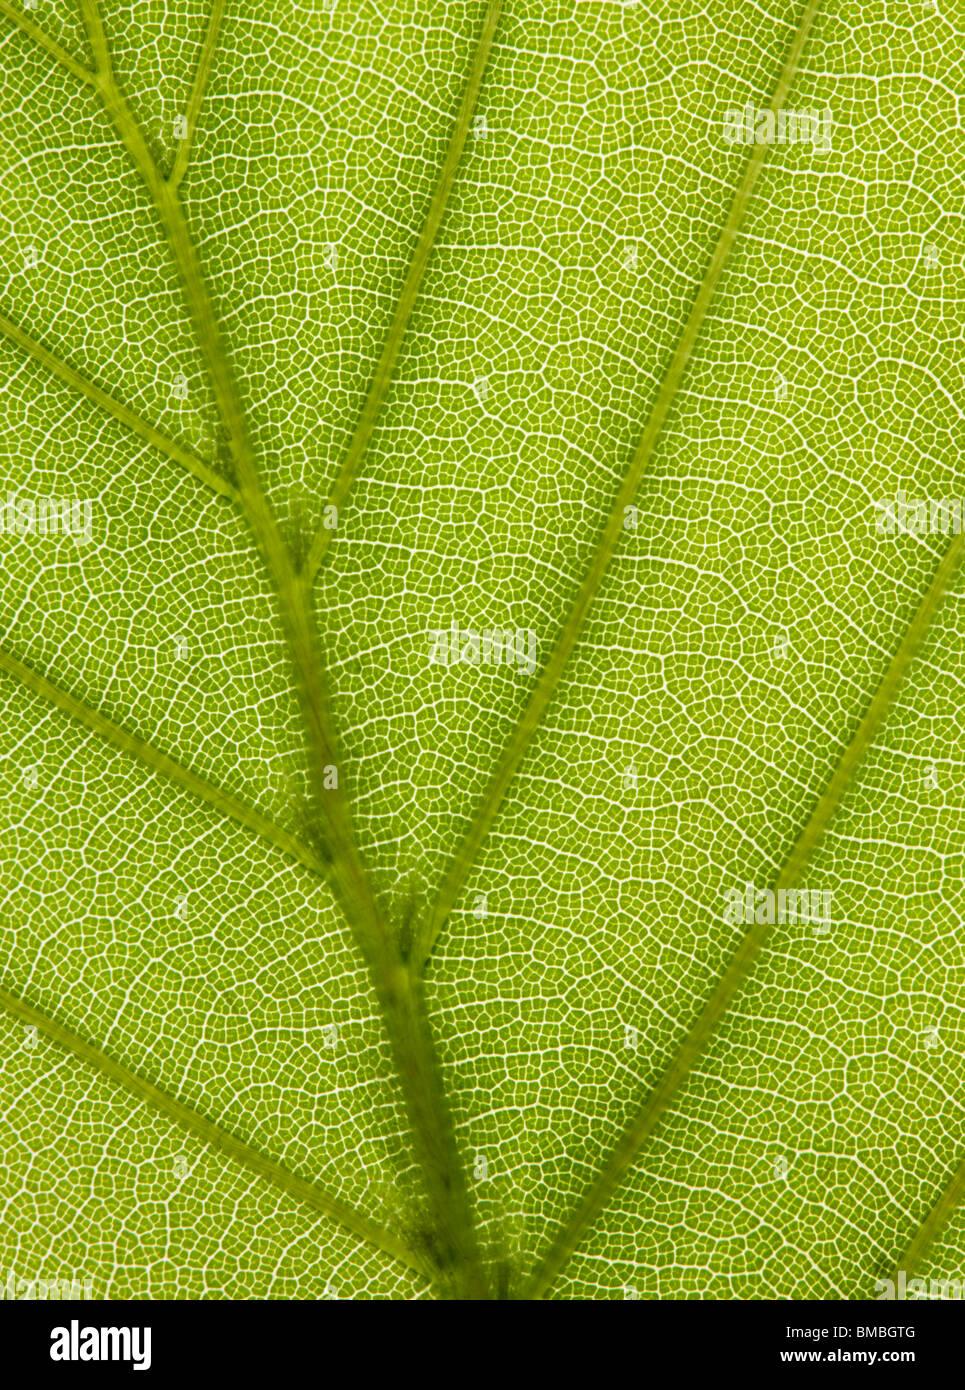 Foglia di faggio, Fagus sylvatica. Retroilluminato per mostrare le vene. Immagini Stock